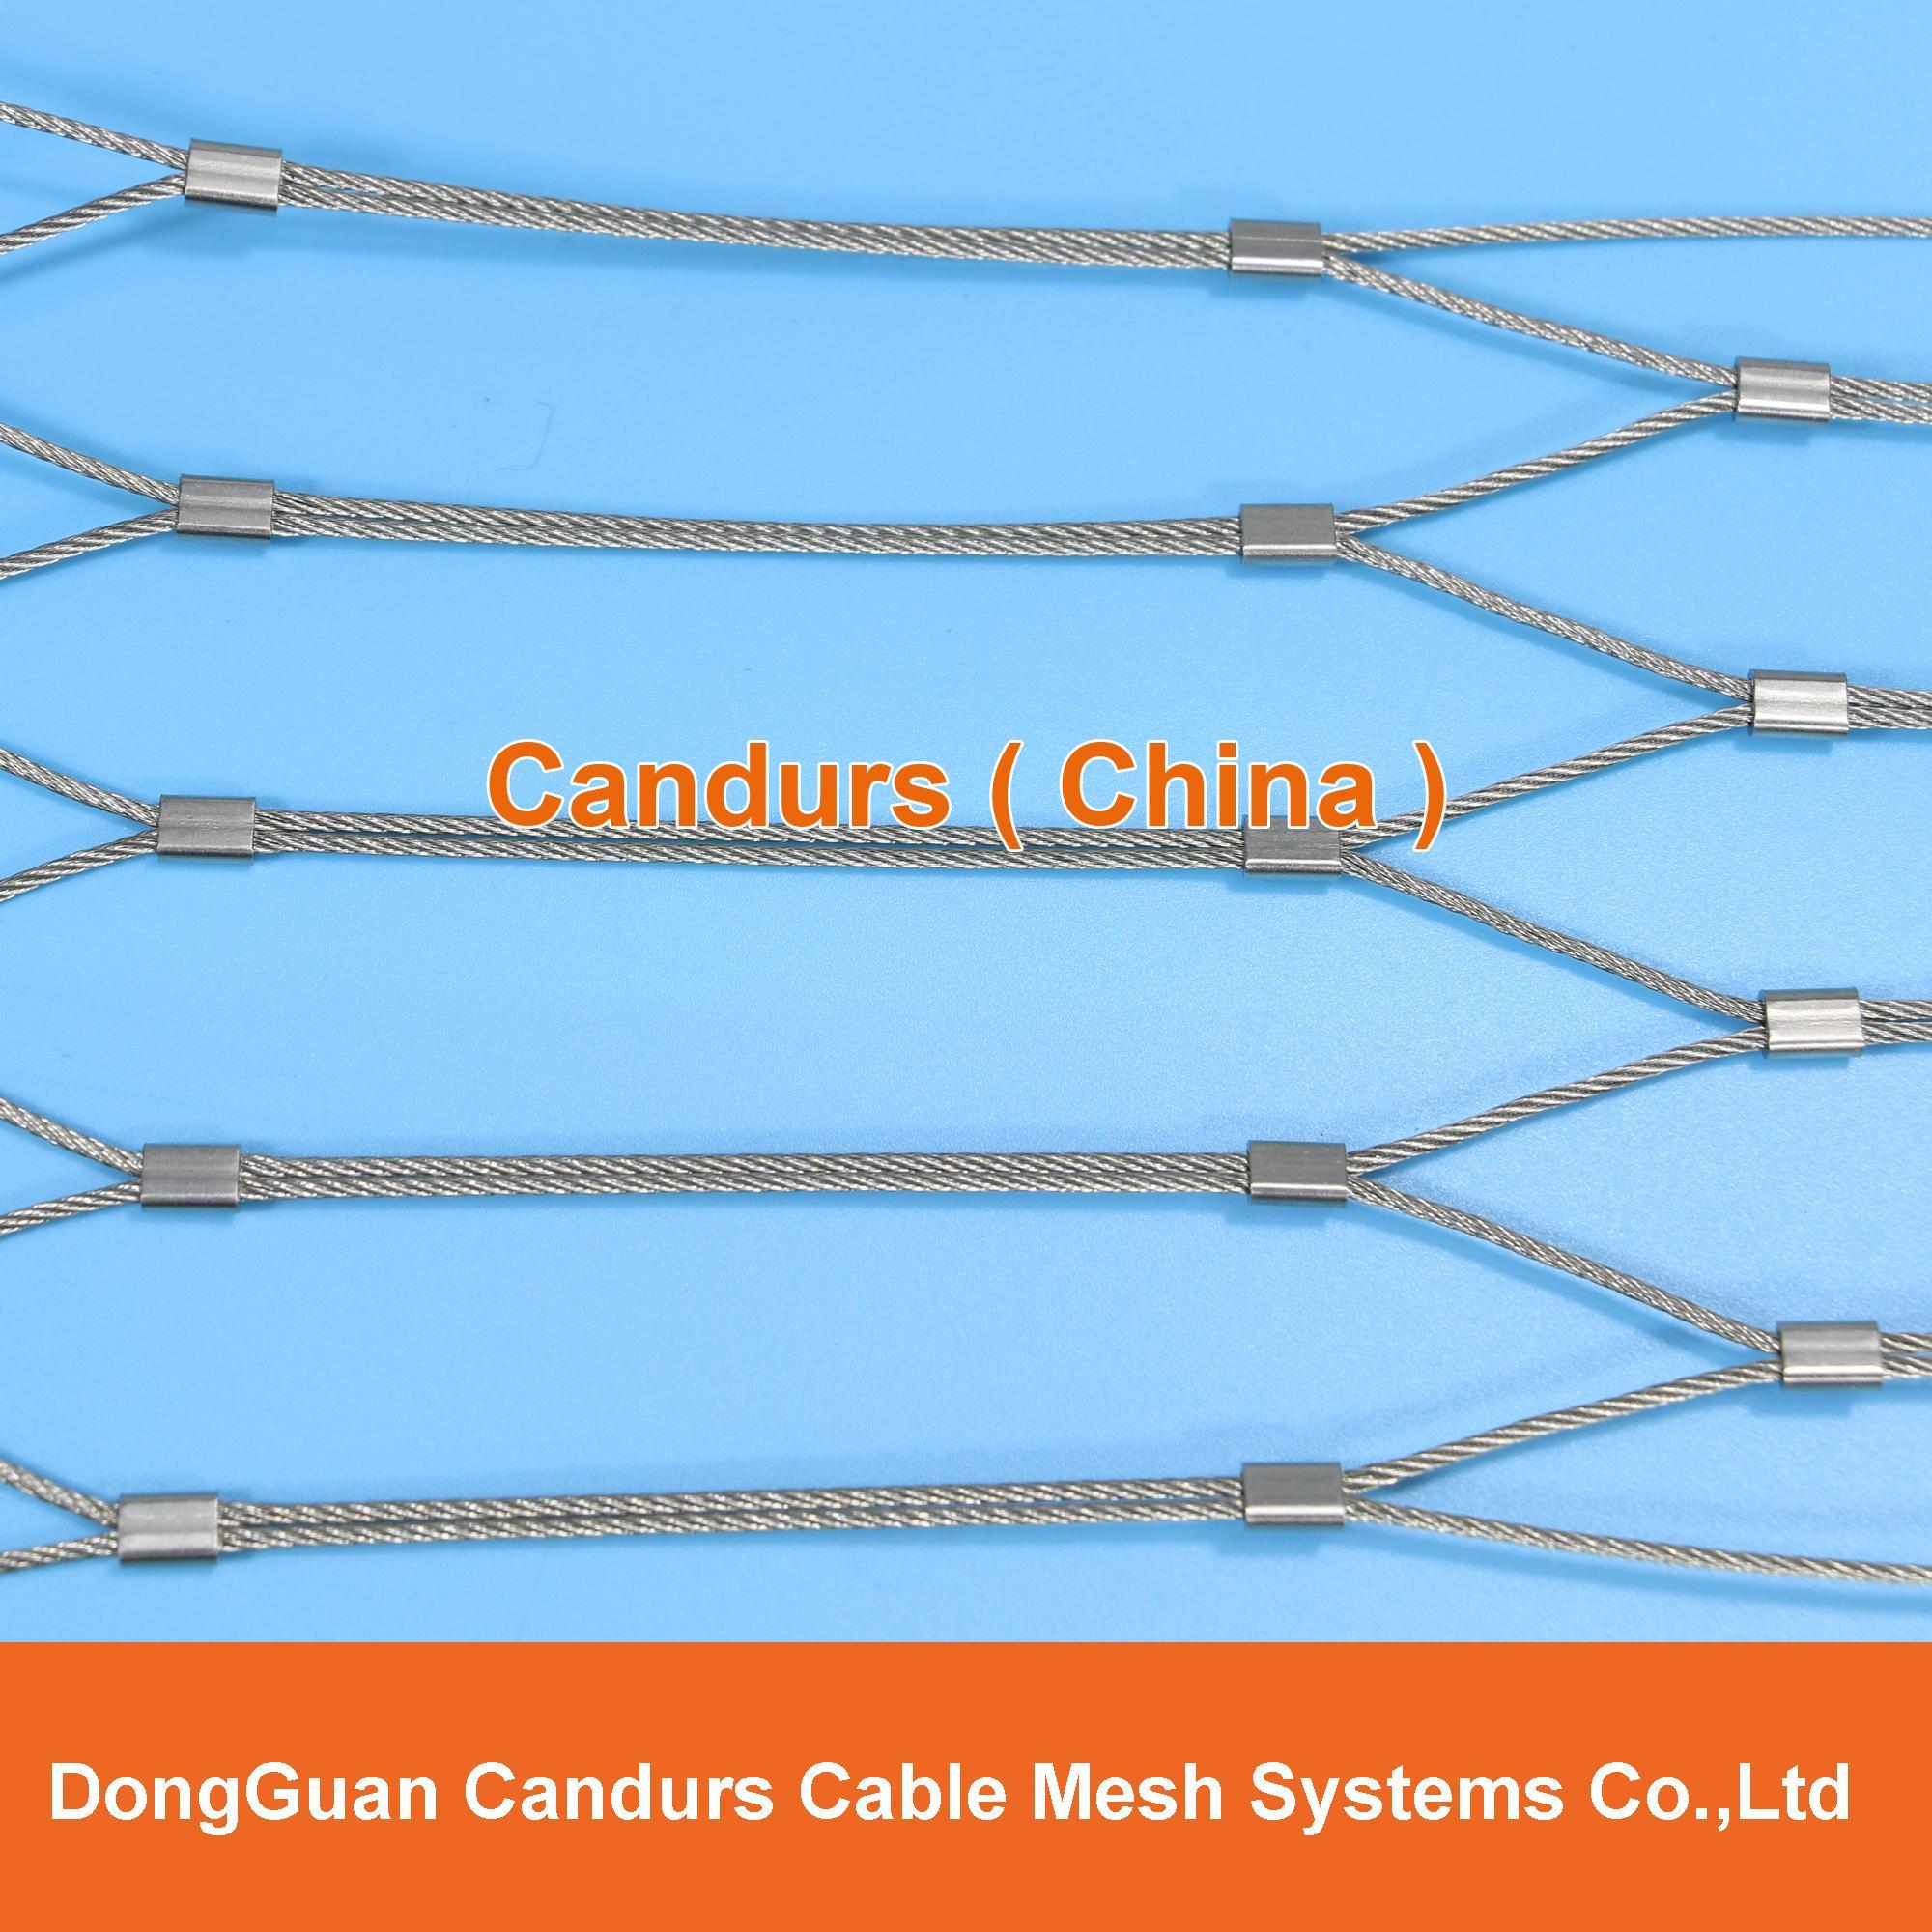 供應不鏽鋼壓扣鋼絲繩網 1